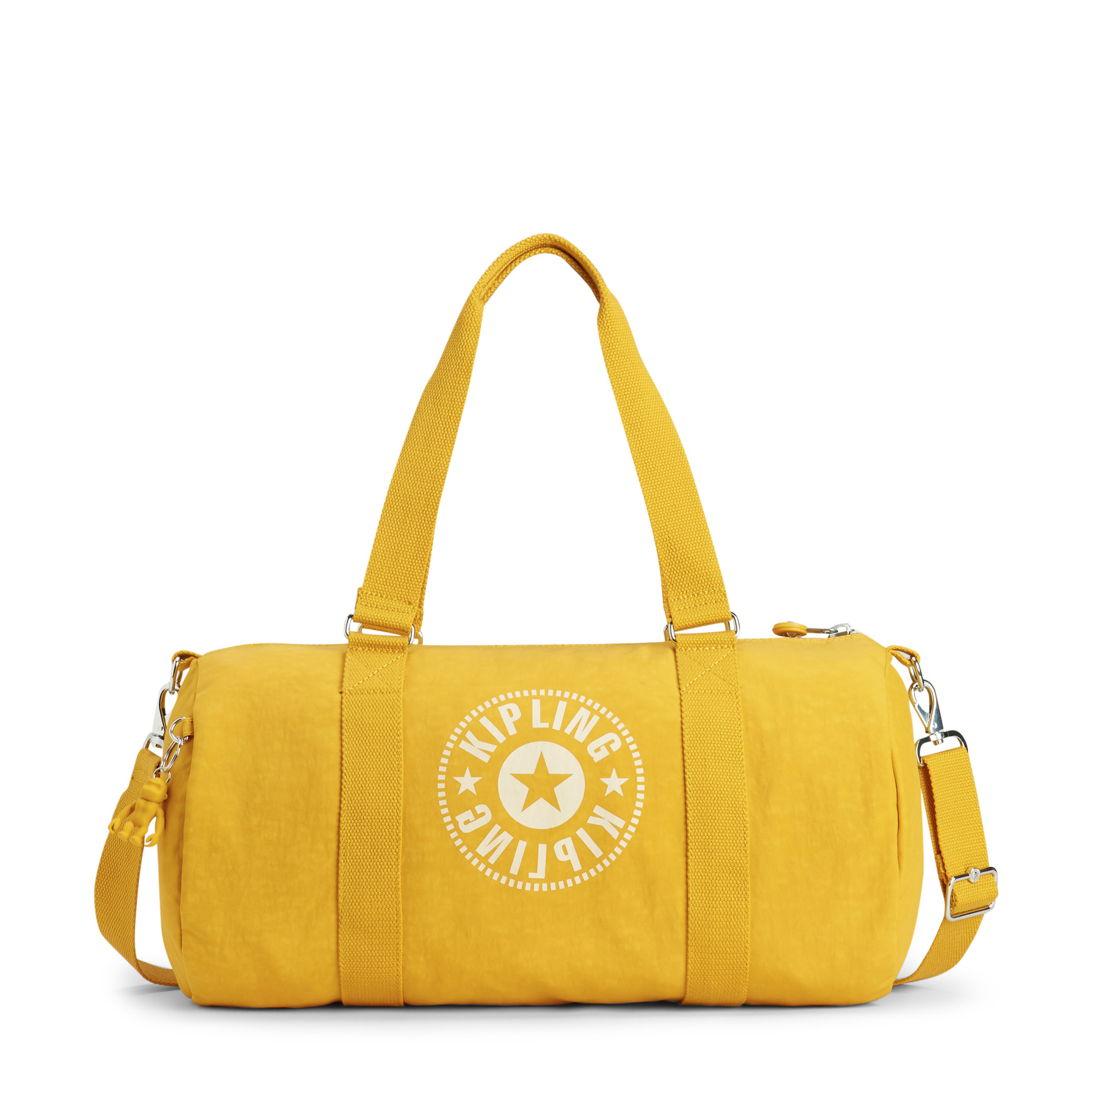 ONALO Lively Yellow - 84.90€